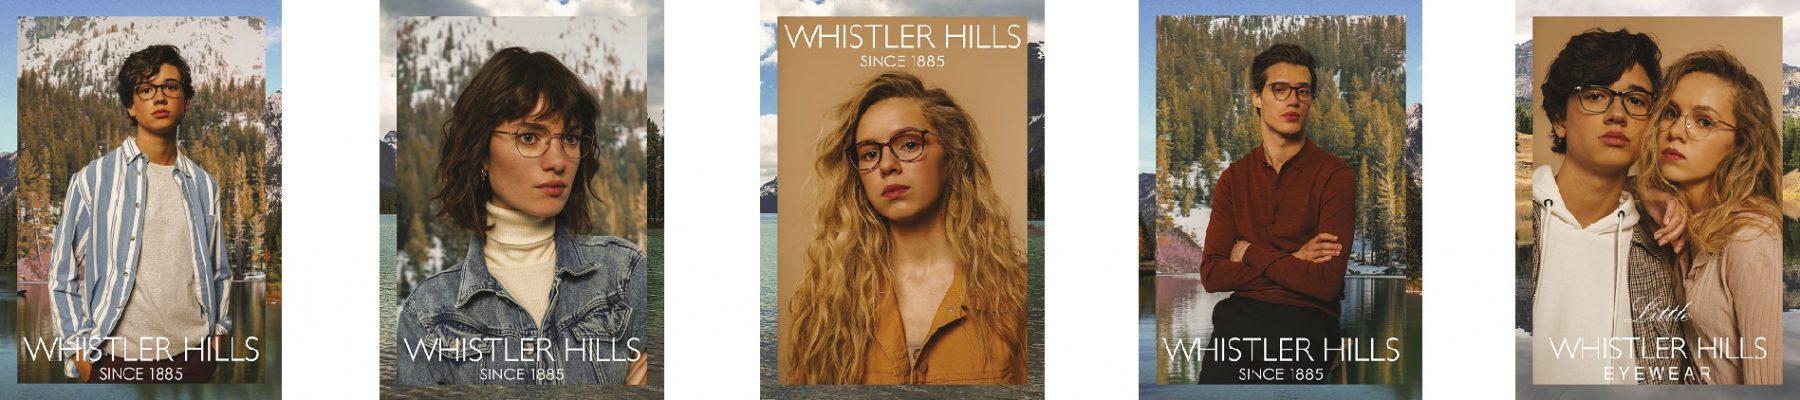 caroussel WHISTLER HILLS 2